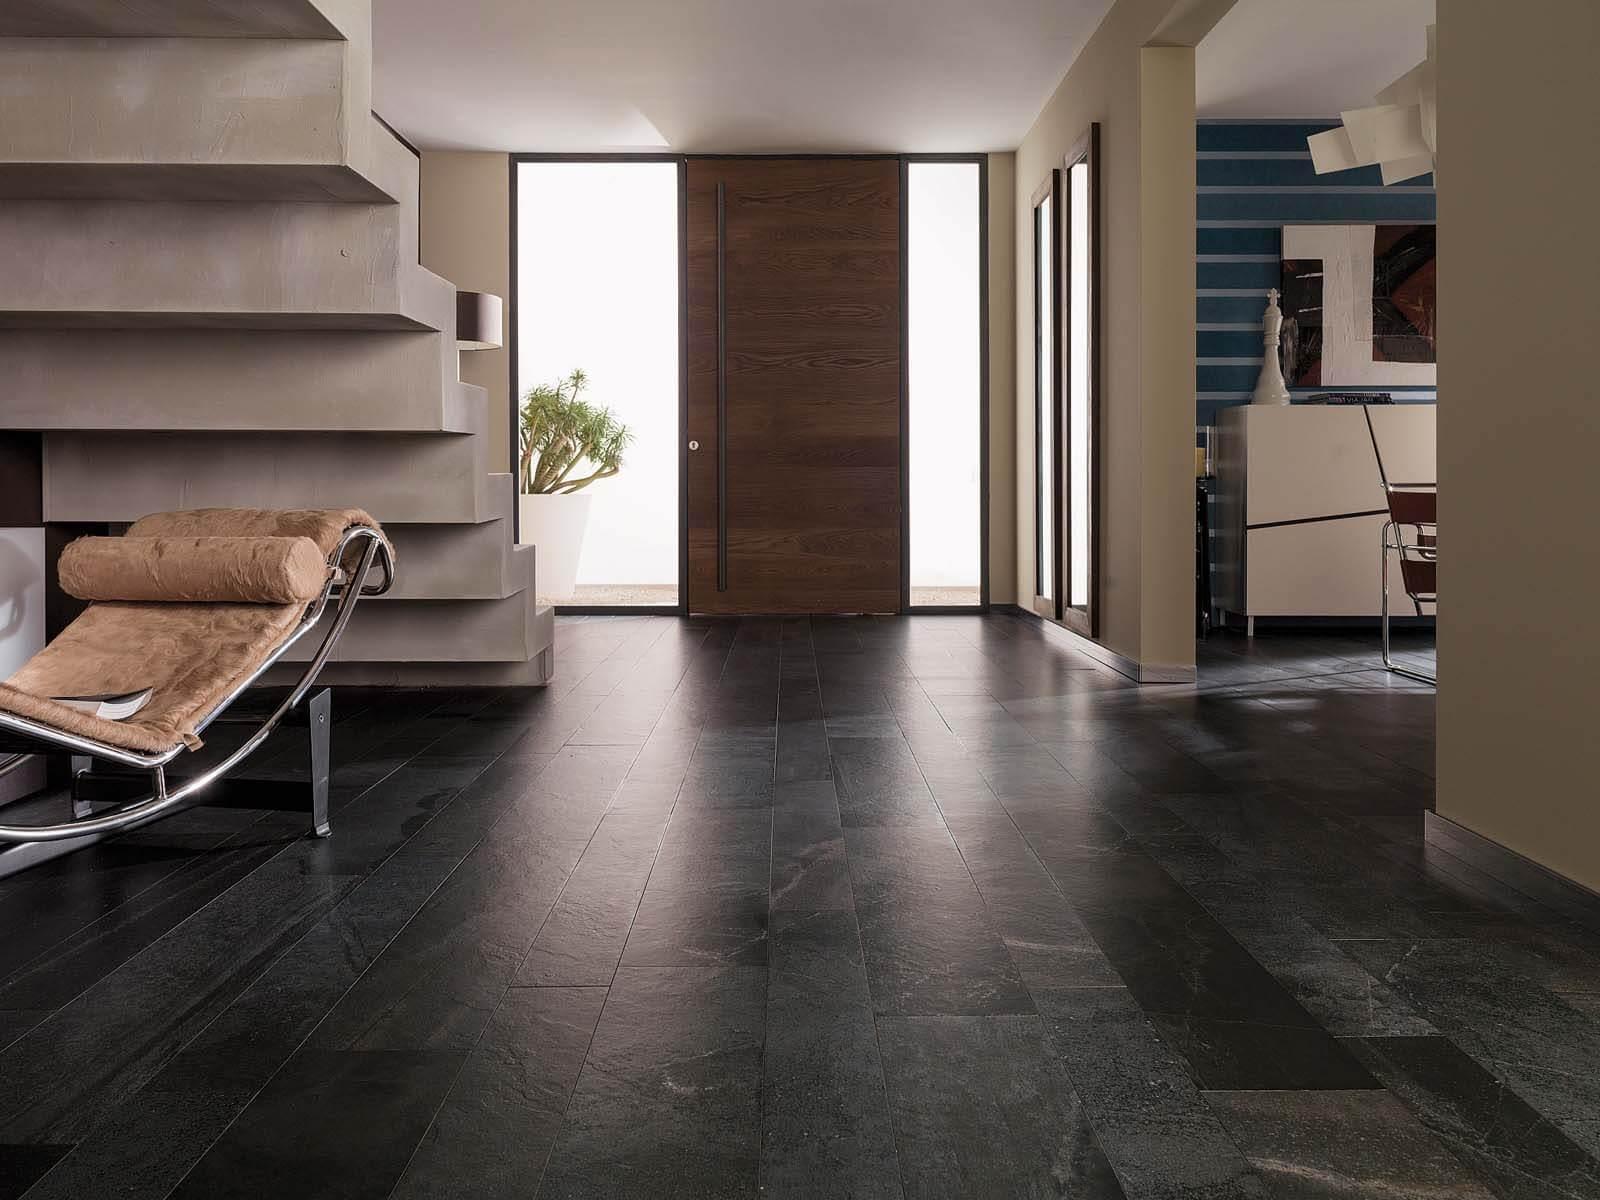 luxe-woonkamer-natuursteen-met-zwarte-leisteen-stroken-grillo-natuursten